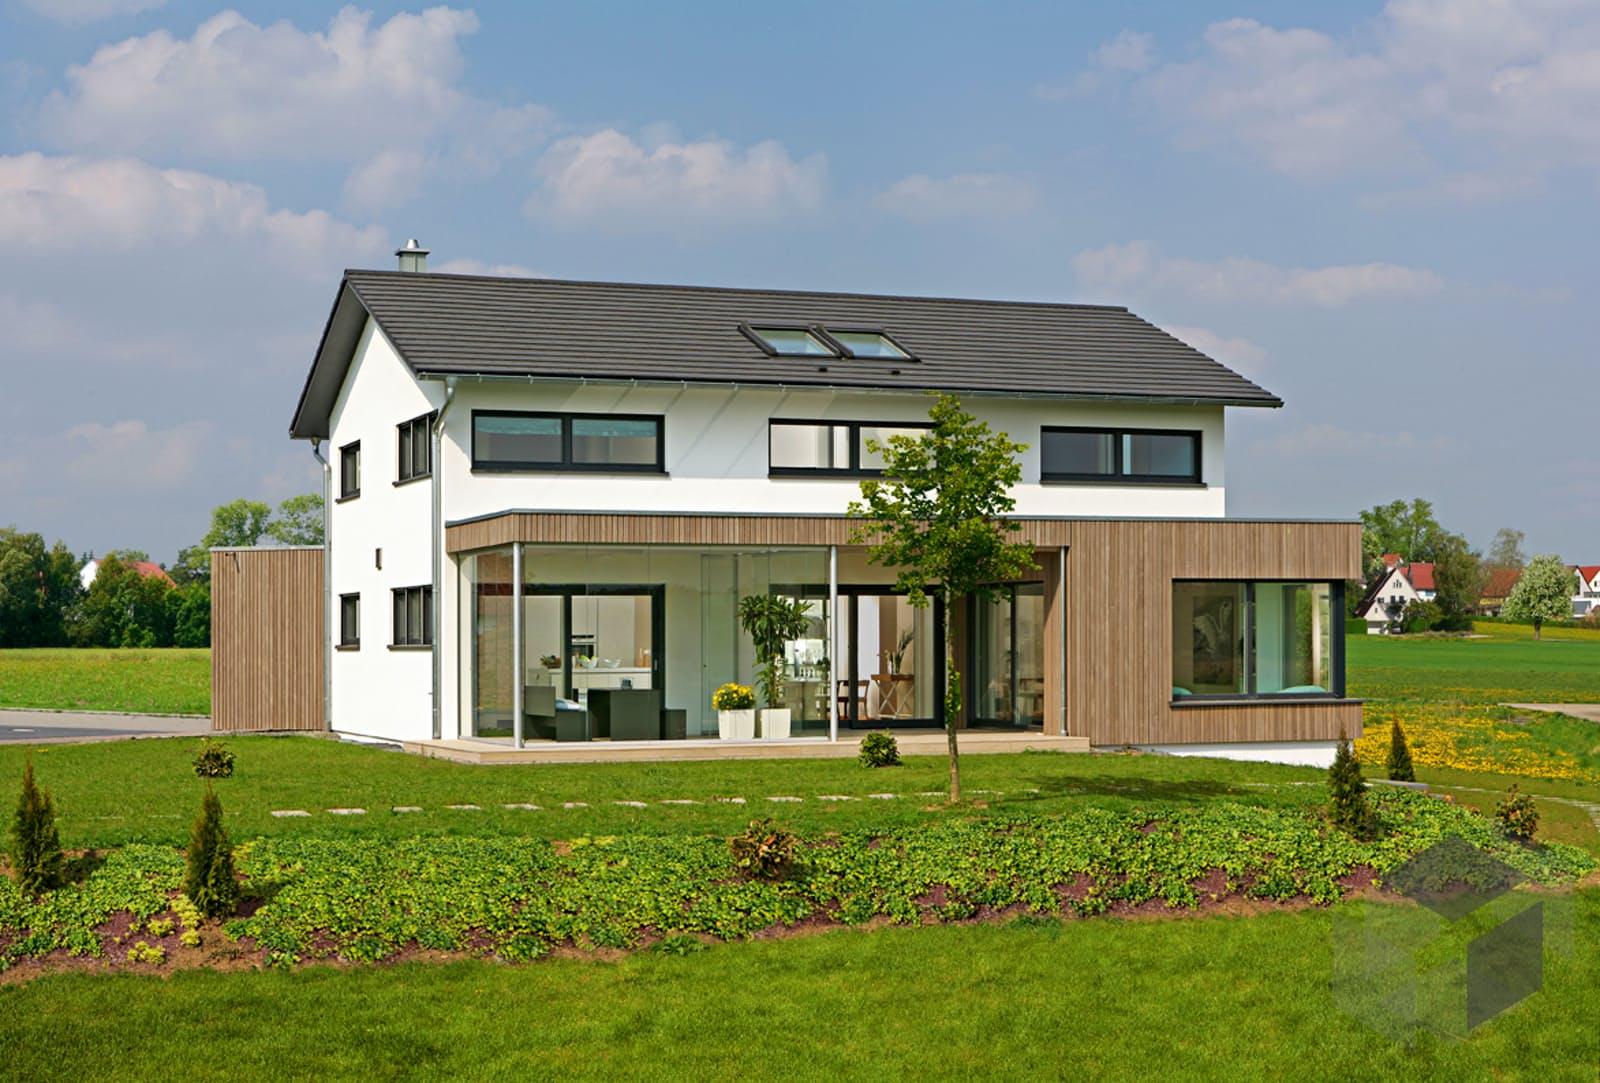 brettheim von keitel haus komplette daten bersicht. Black Bedroom Furniture Sets. Home Design Ideas